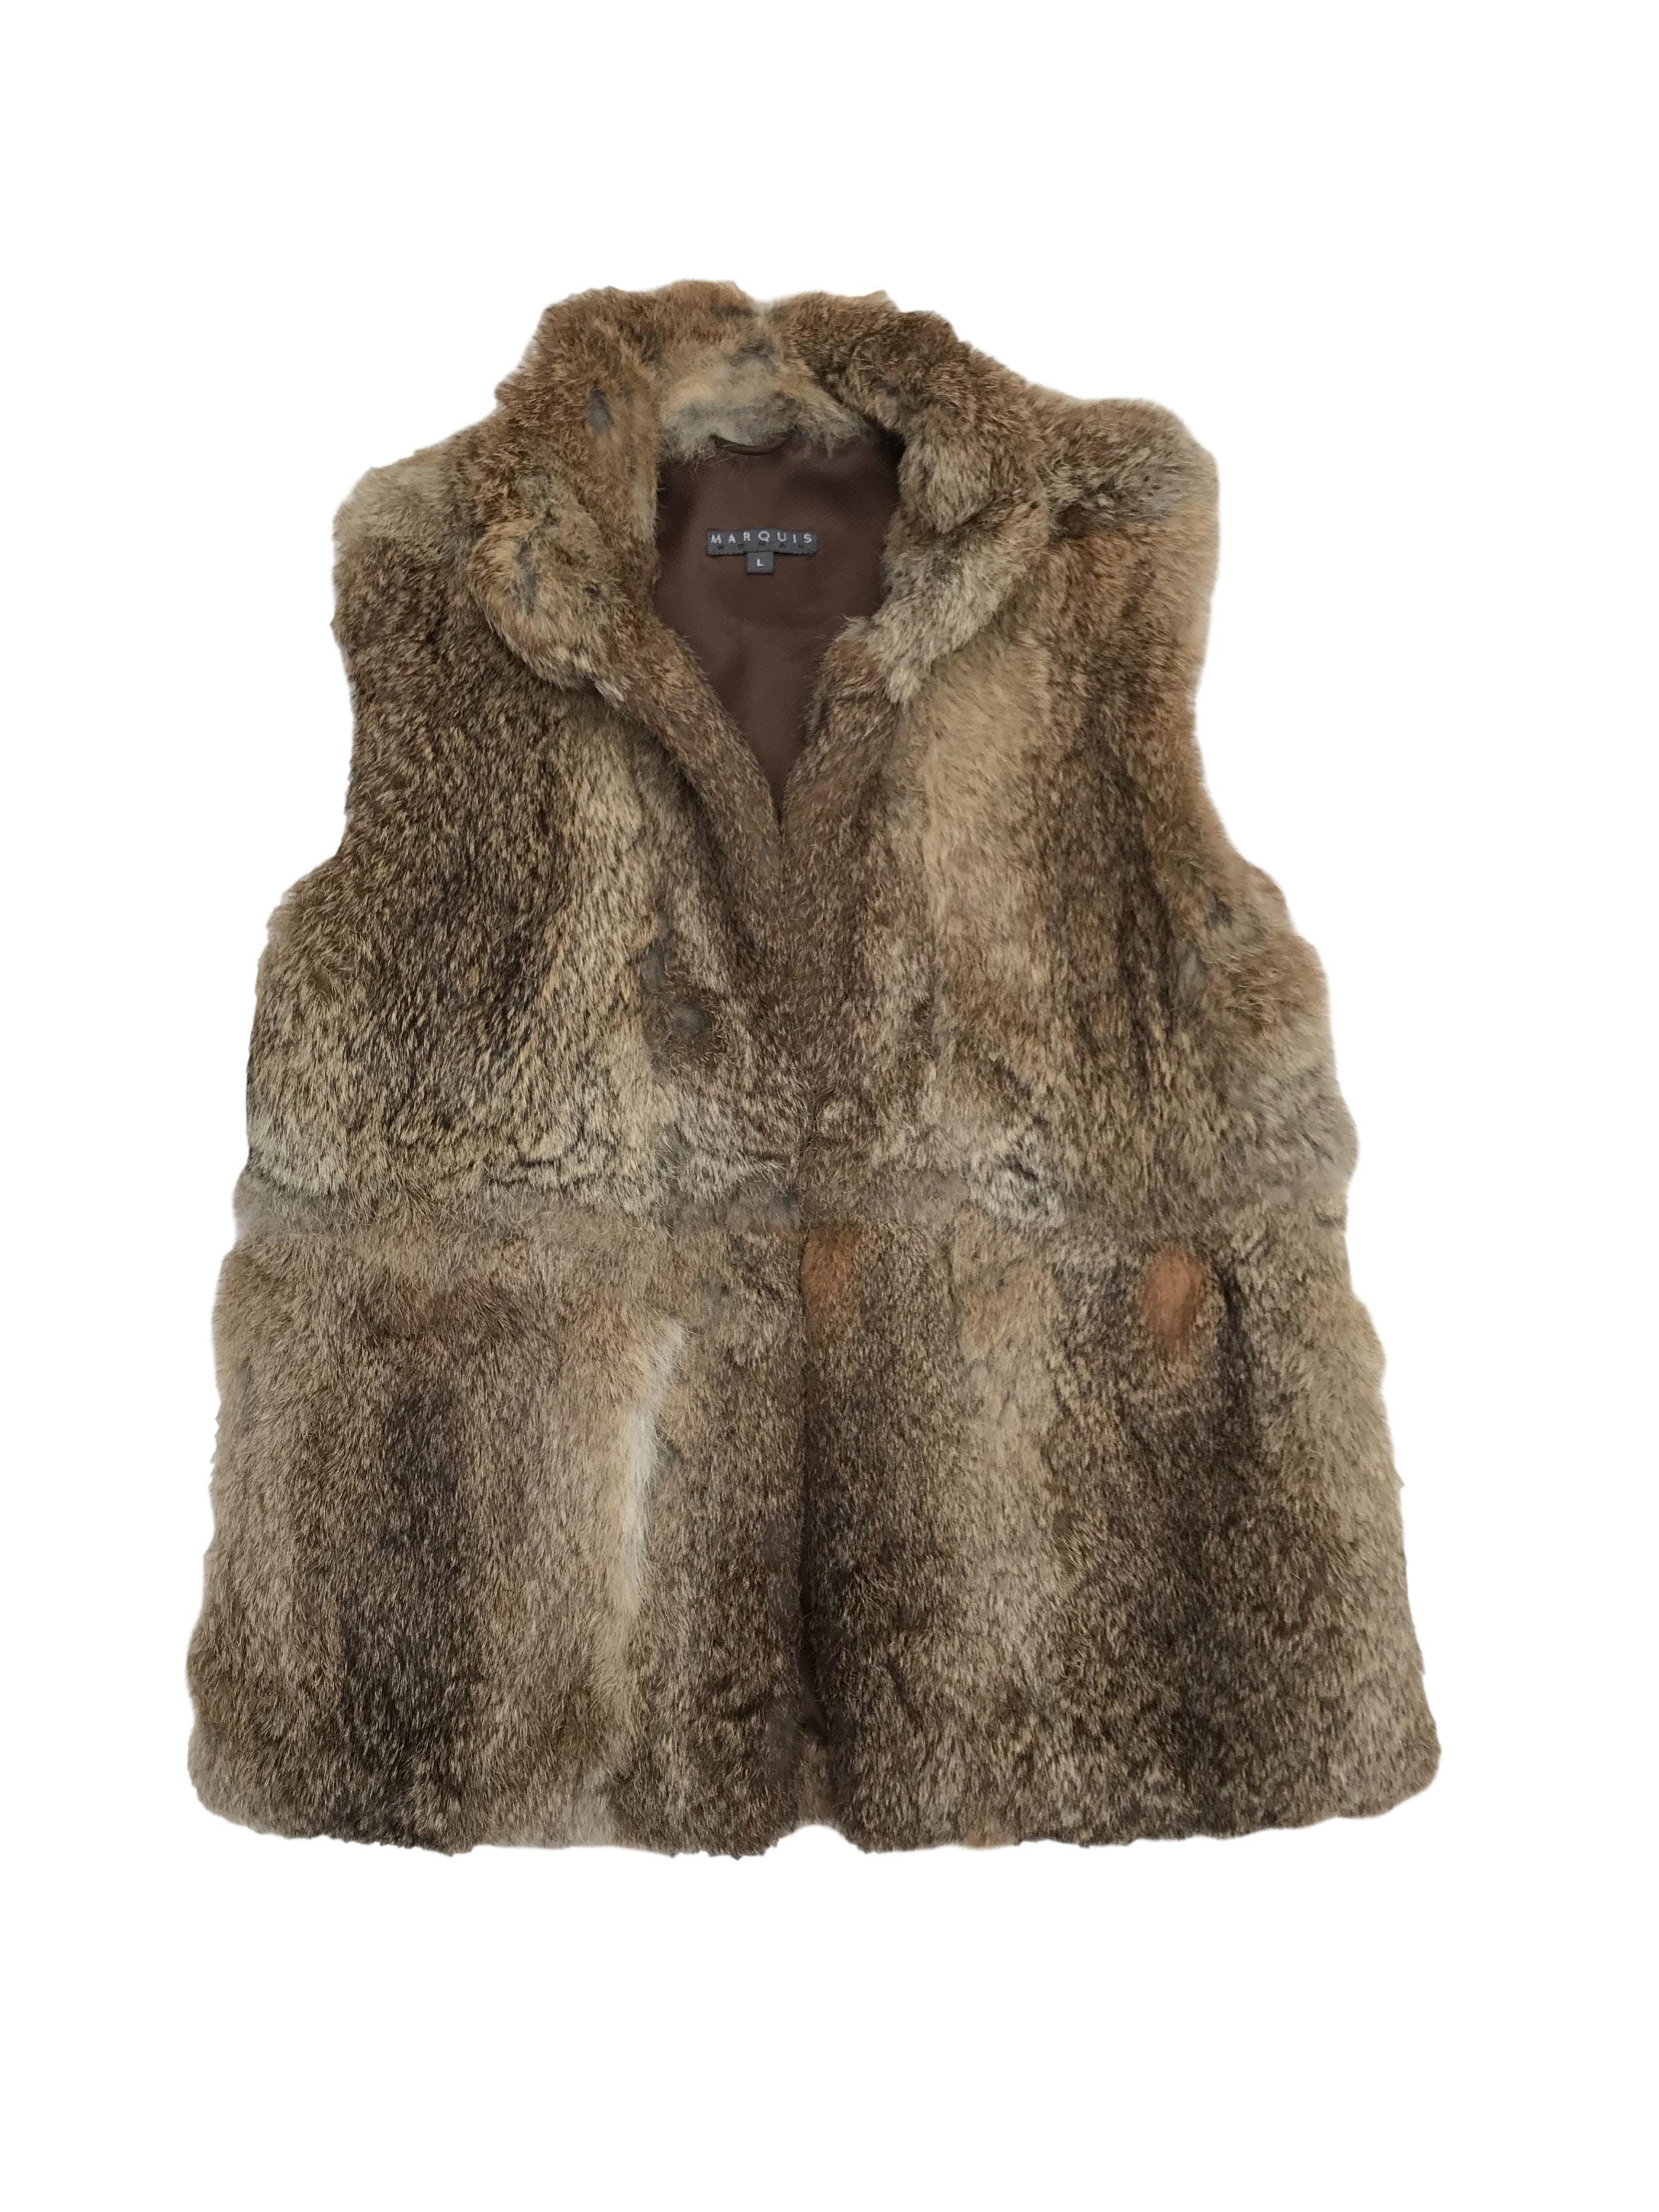 Chaleco Marquis 100% rabbit fur, forrado y cierra con corchetes